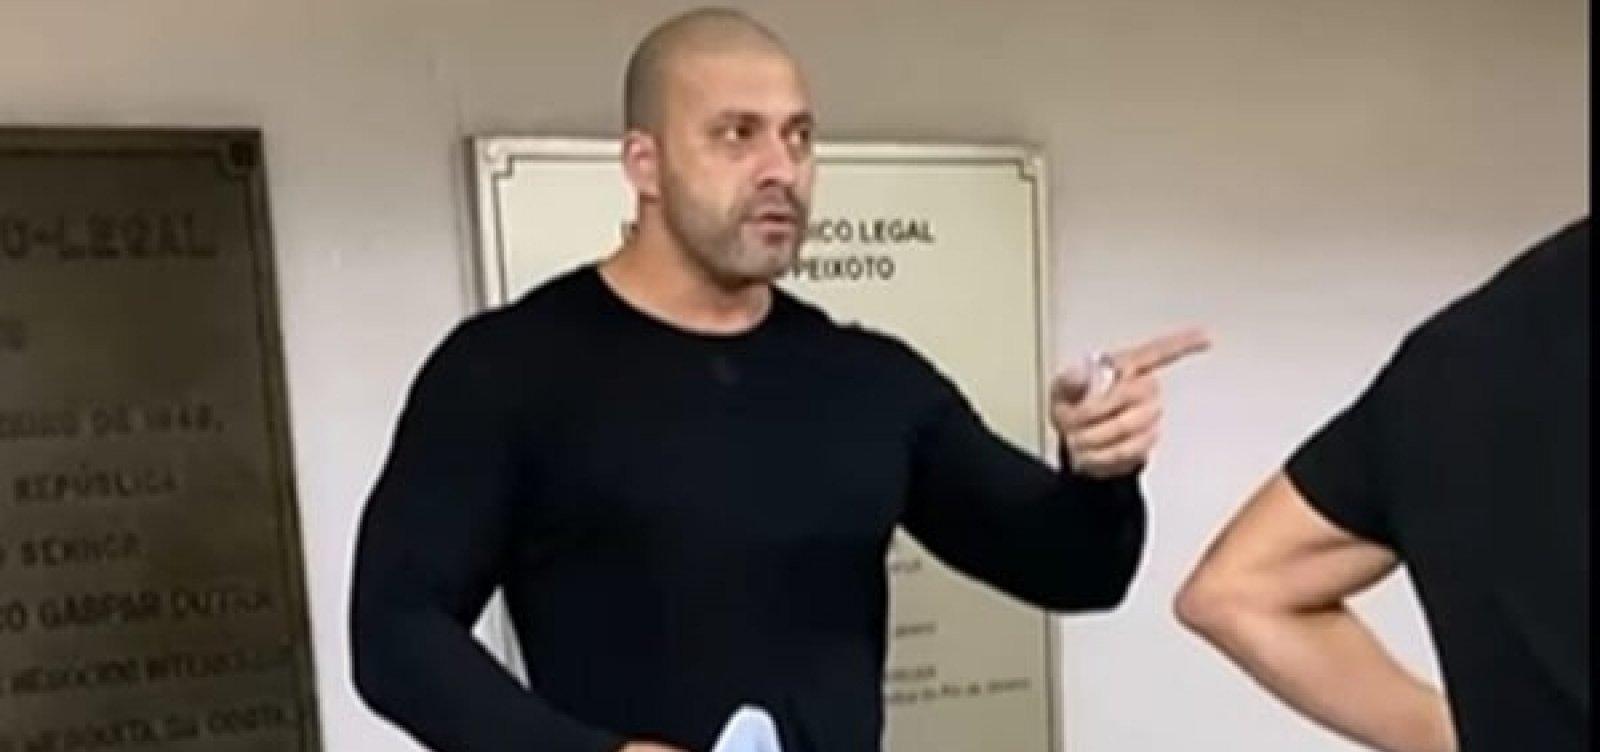 [PGR pede ao STF abertura de inquérito para investigar Silveira por suposto desacato]